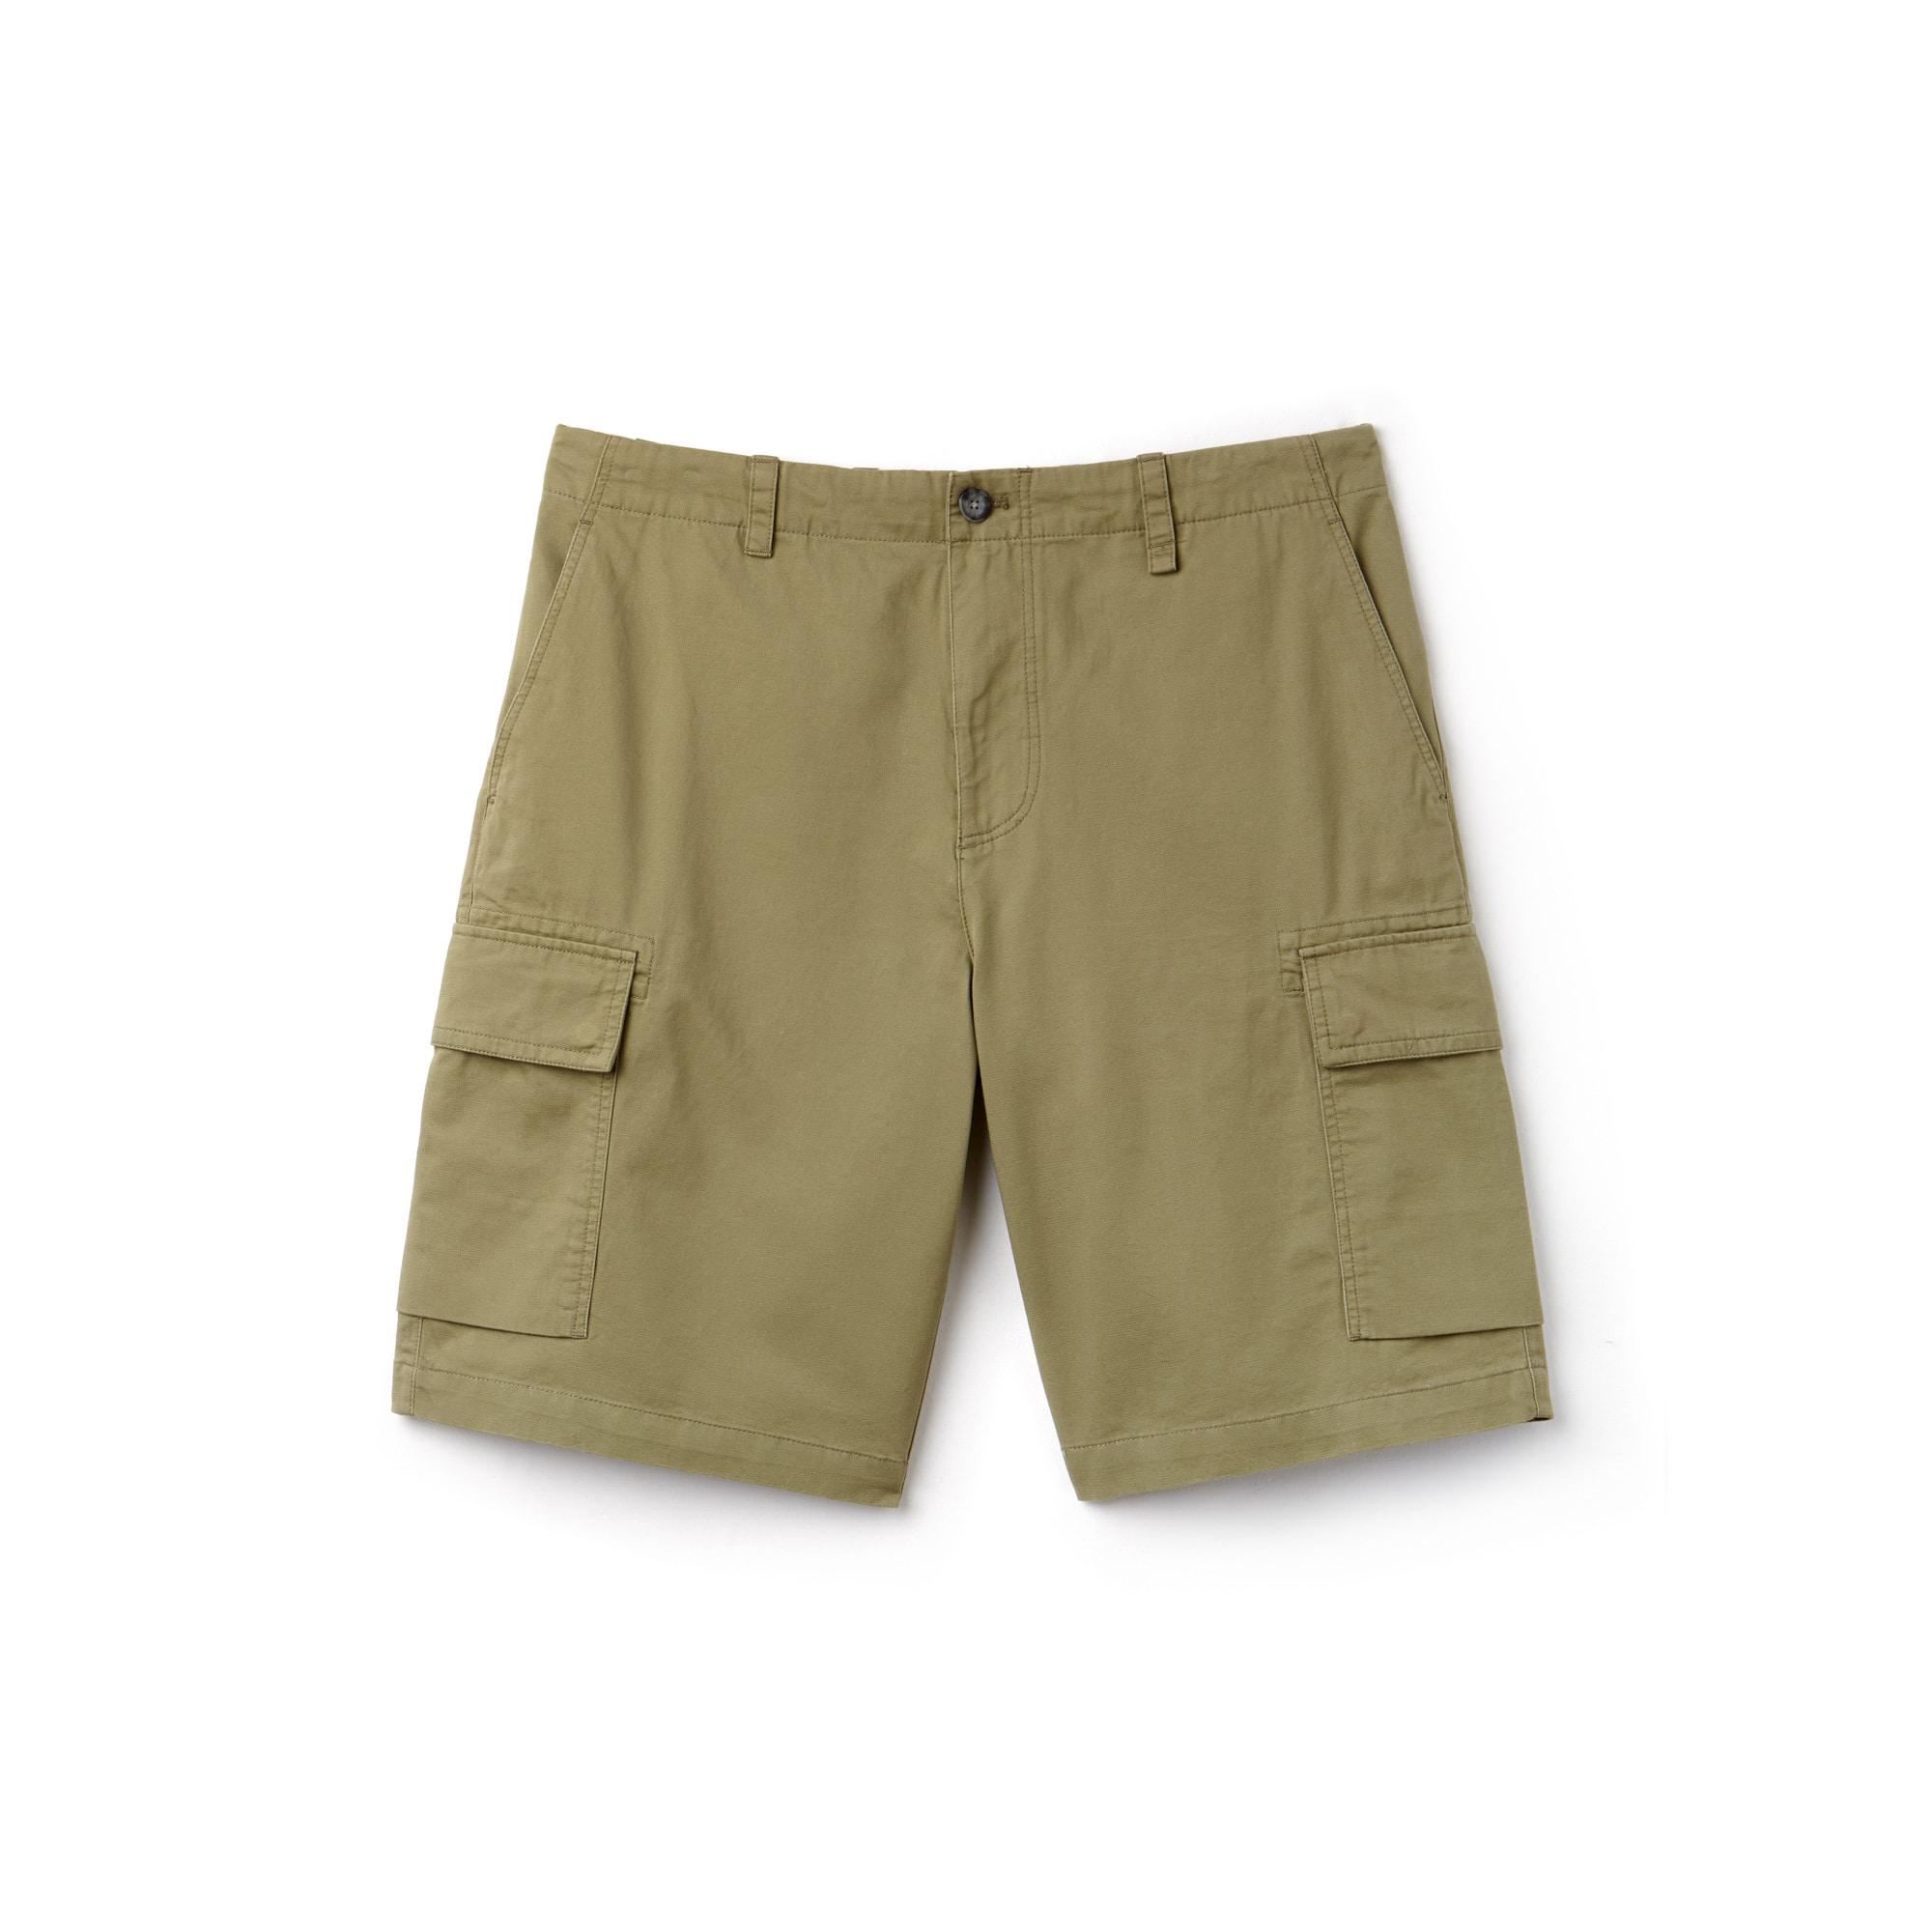 Herren-Cargo-Bermudas aus Baumwolltwill mit Taschen